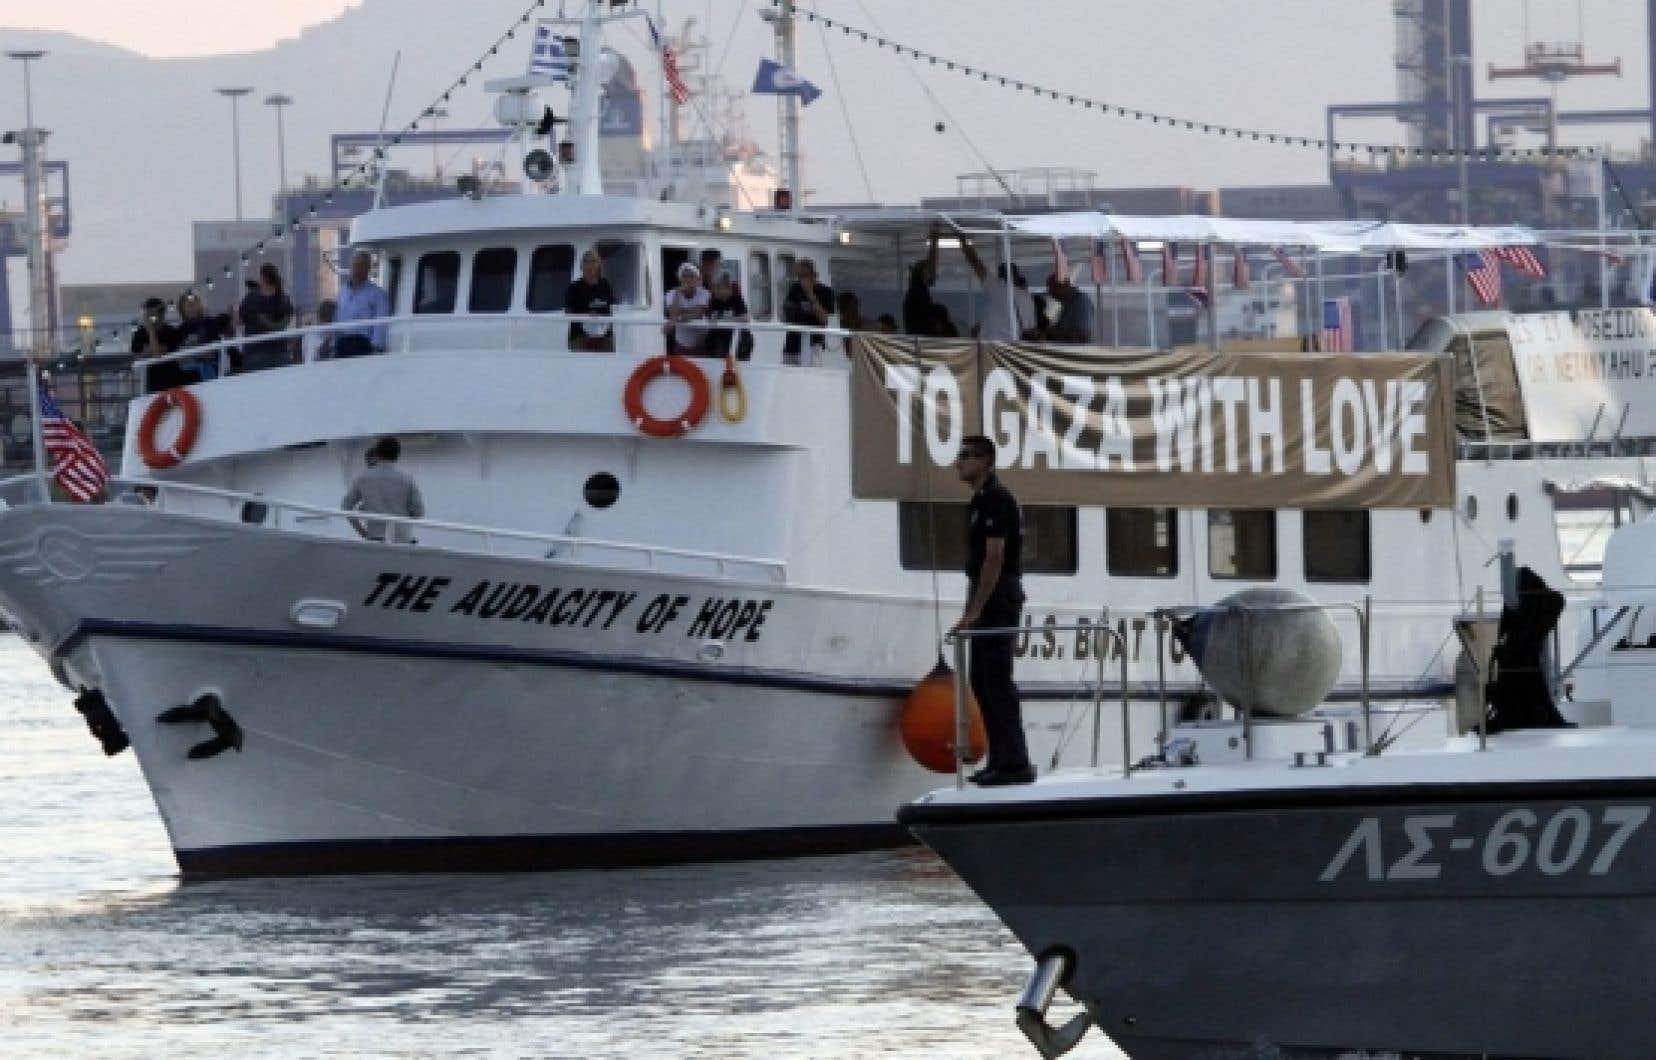 Le capitaine de l'Audacity of Hope est accusé d'avoir tenté de quitter le port sans permission et d'avoir mis la vie des passagers du bateau en danger. La deuxième accusation rend le capitaine passible d'emprisonnement.